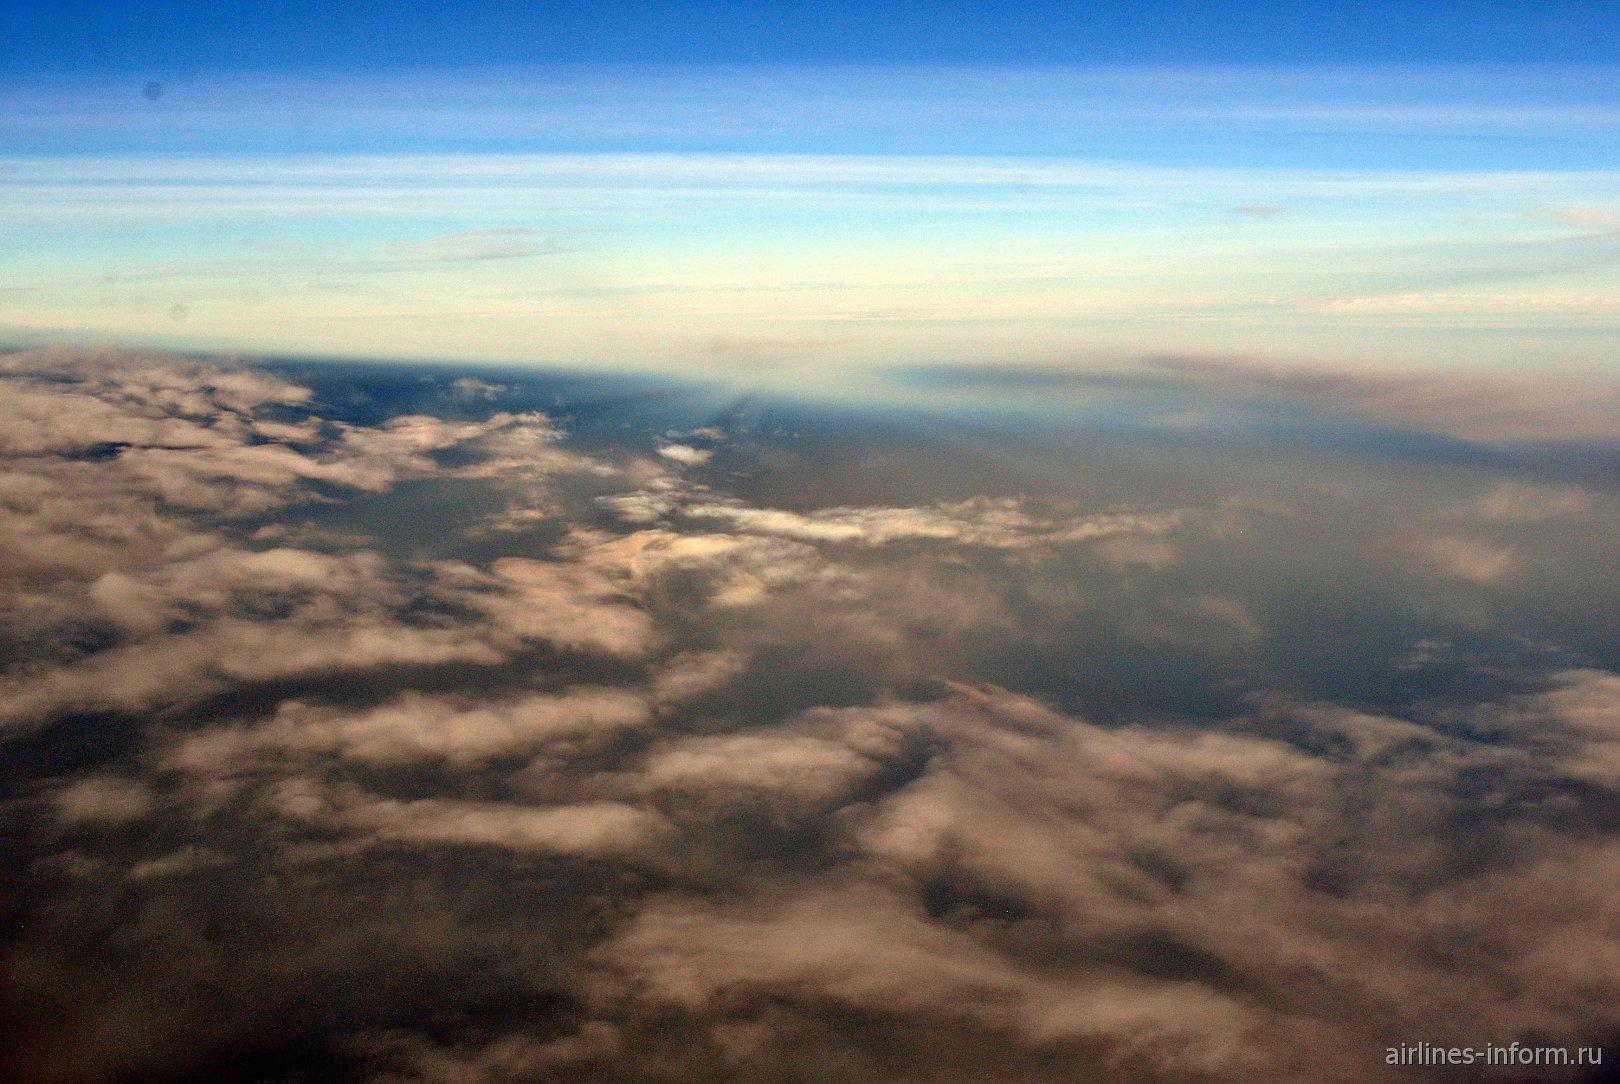 Утренние облака над Атлантическим океаном